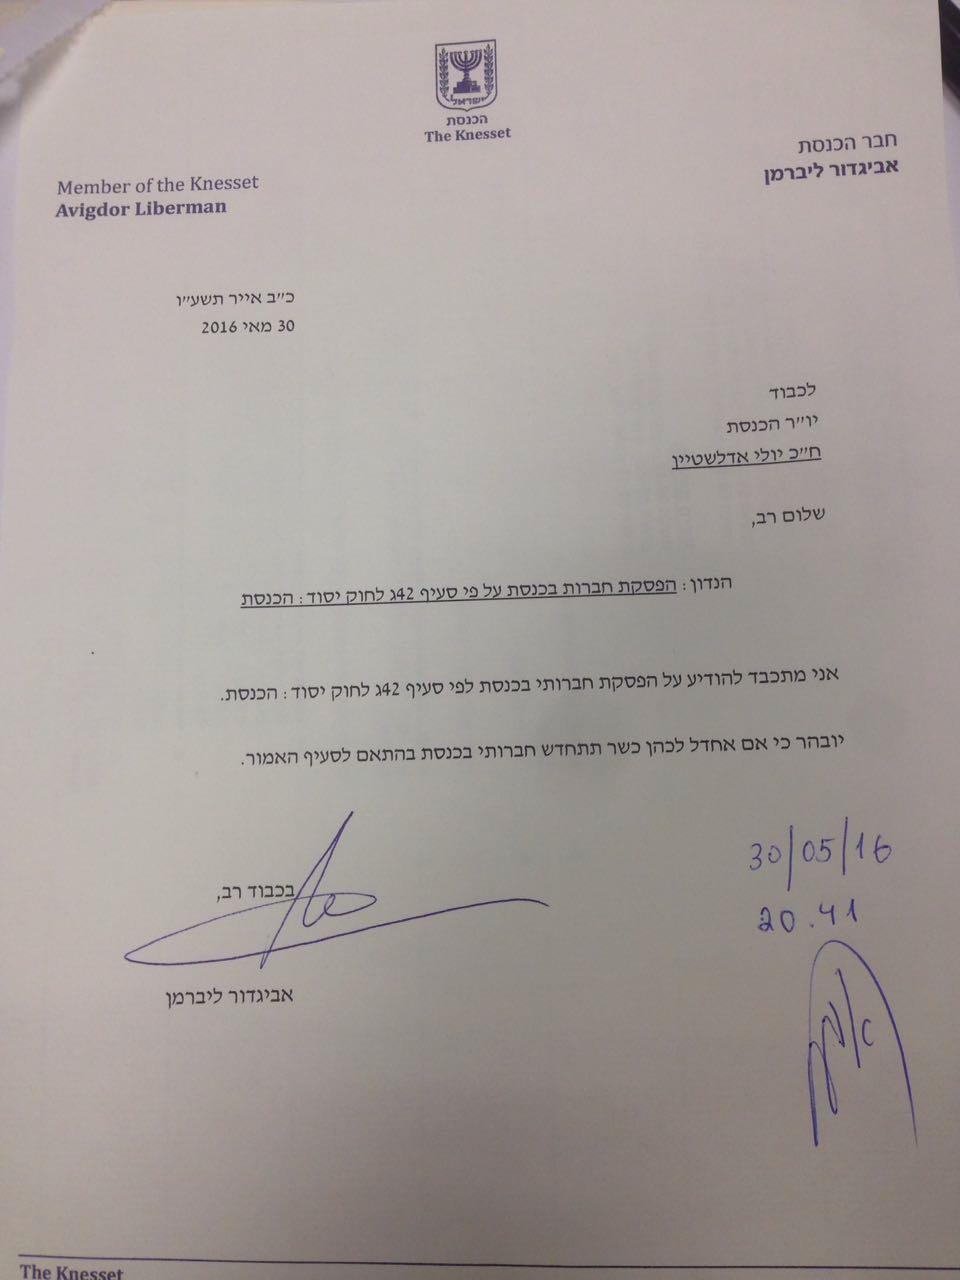 מכתב ההתפטרות של ליברמן